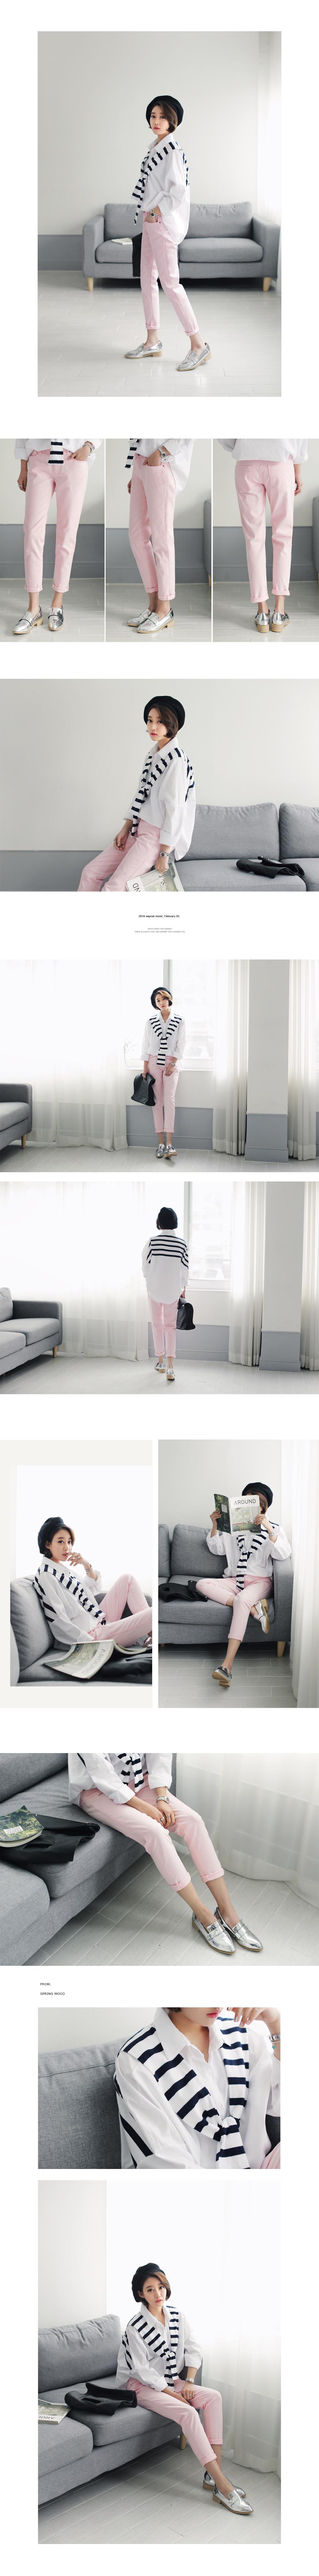 2204パステルスリムラインパンツ・全4色パンツ・ズボンパンツ・ズボン|レディースファッション通販 DHOLICディーホリック [ファストファッション 水着 ワンピース]